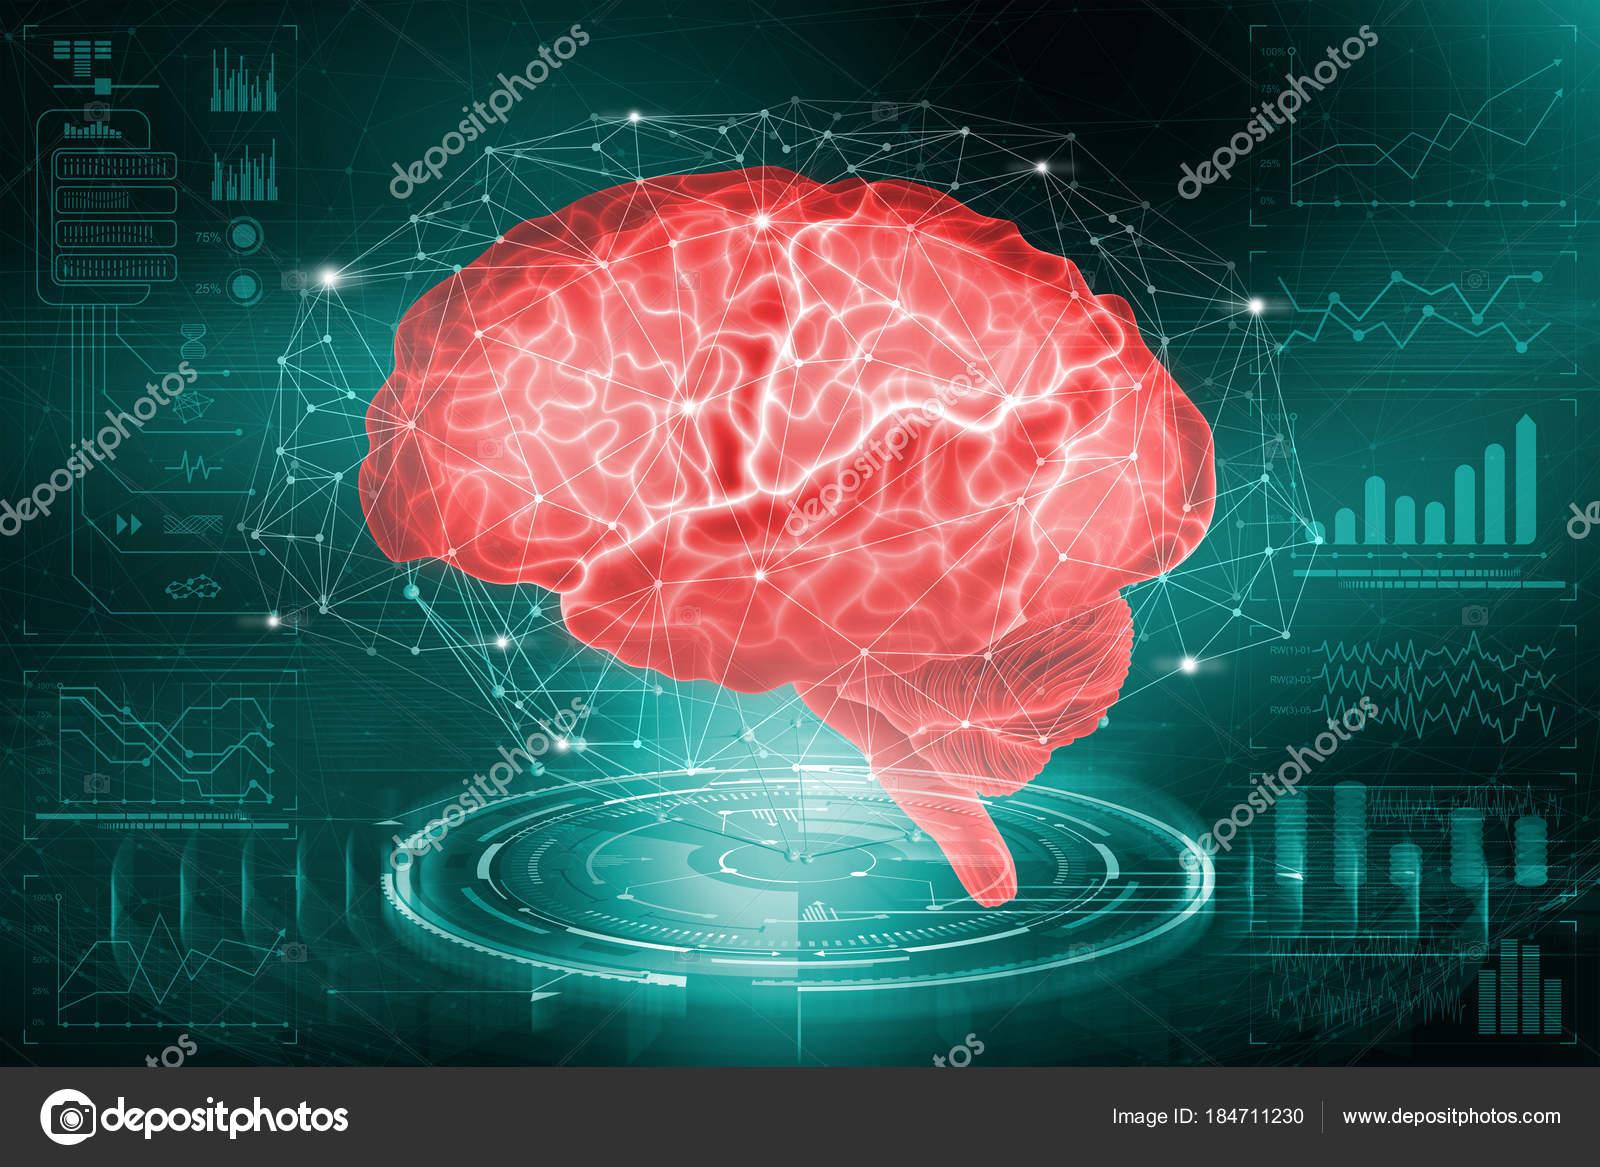 Das Menschliche Gehirn Die Studie Über Die Möglichkeiten Des Gehirns ...